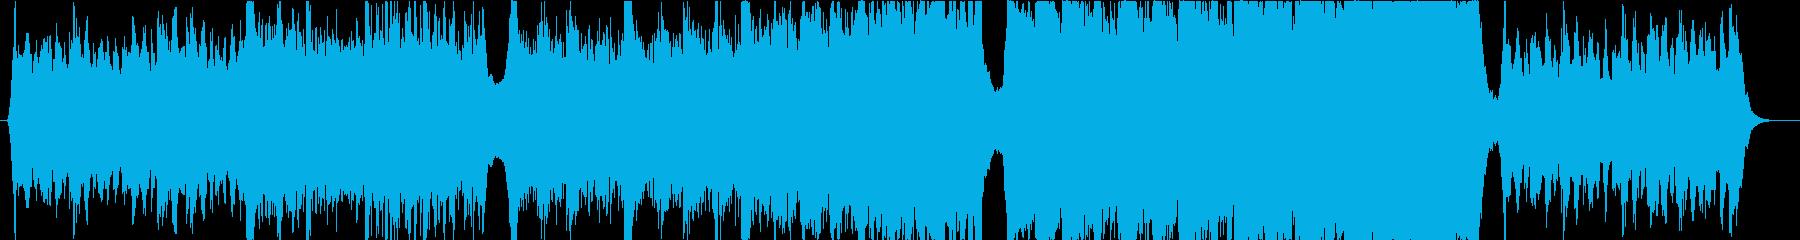 切ないピアノとオーケストラのエピックの再生済みの波形